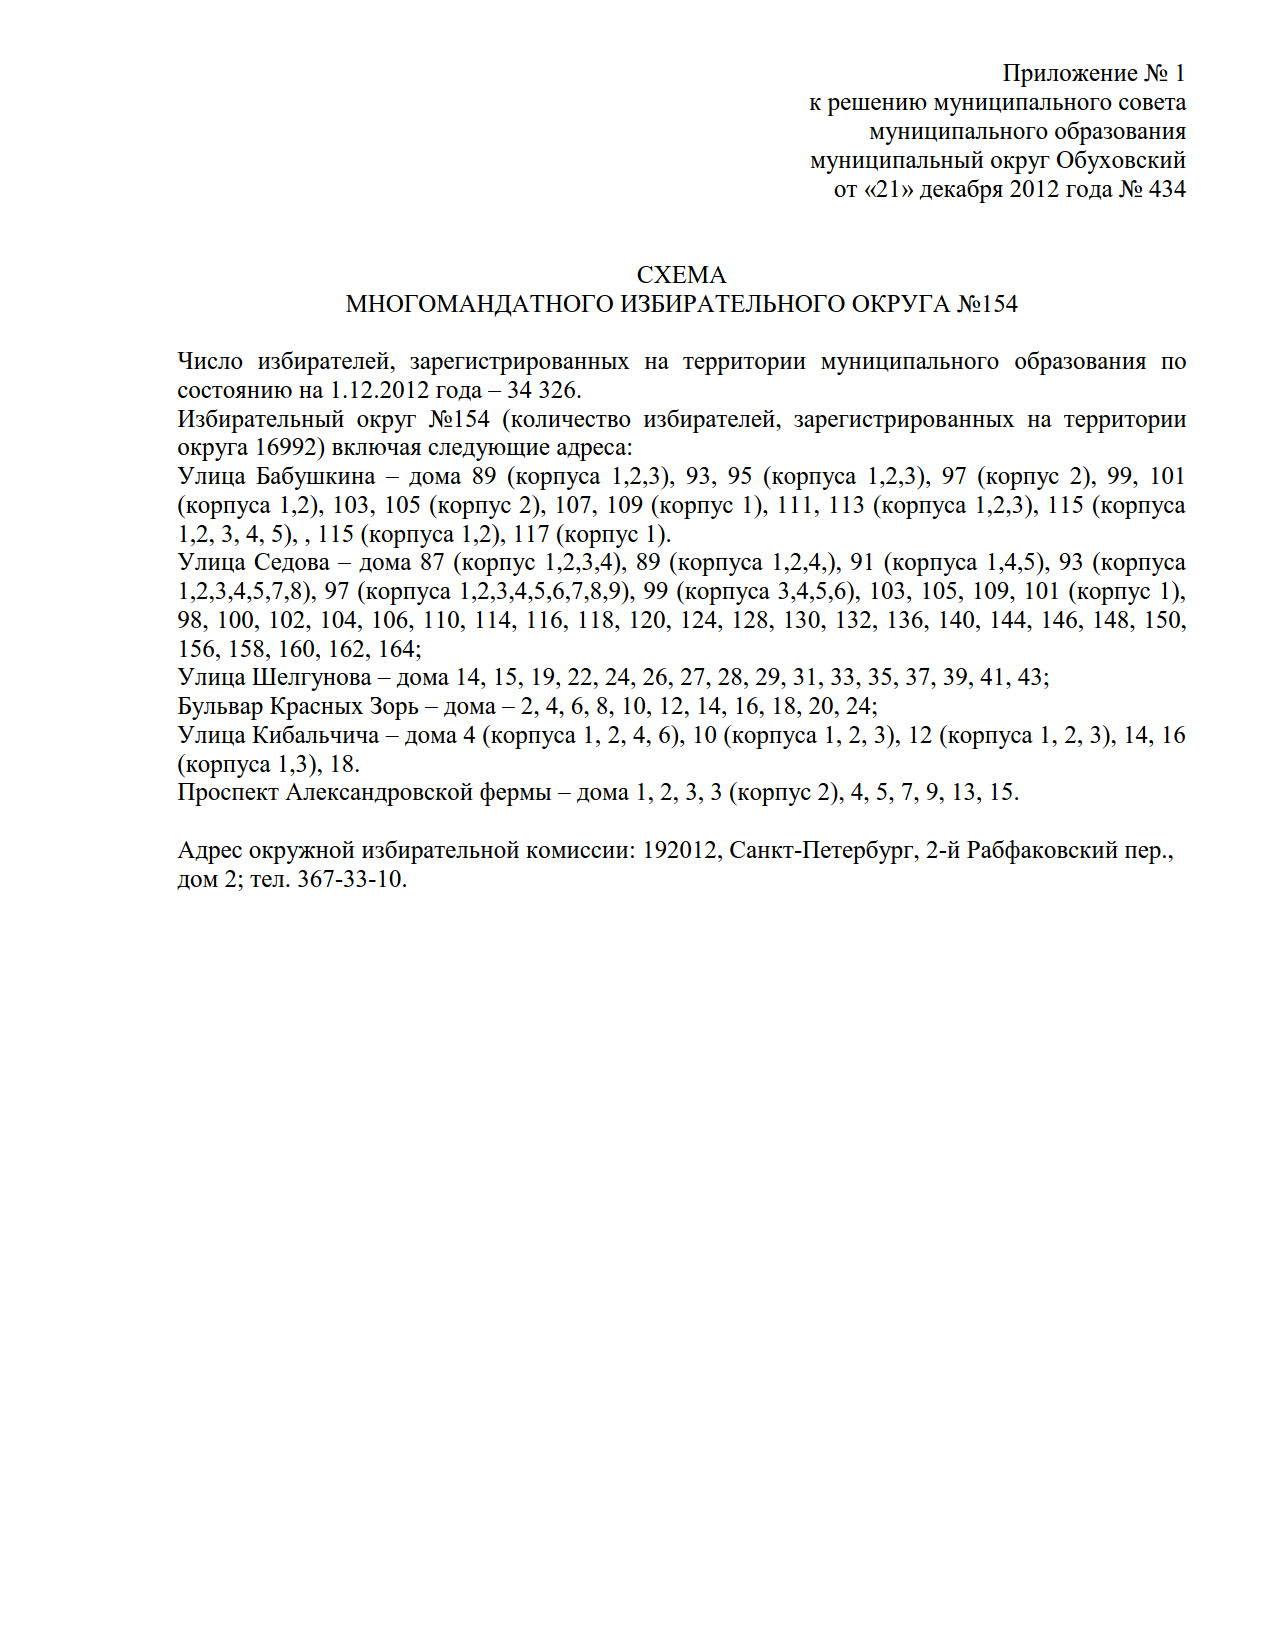 Решение 434 об утверждении схем_2